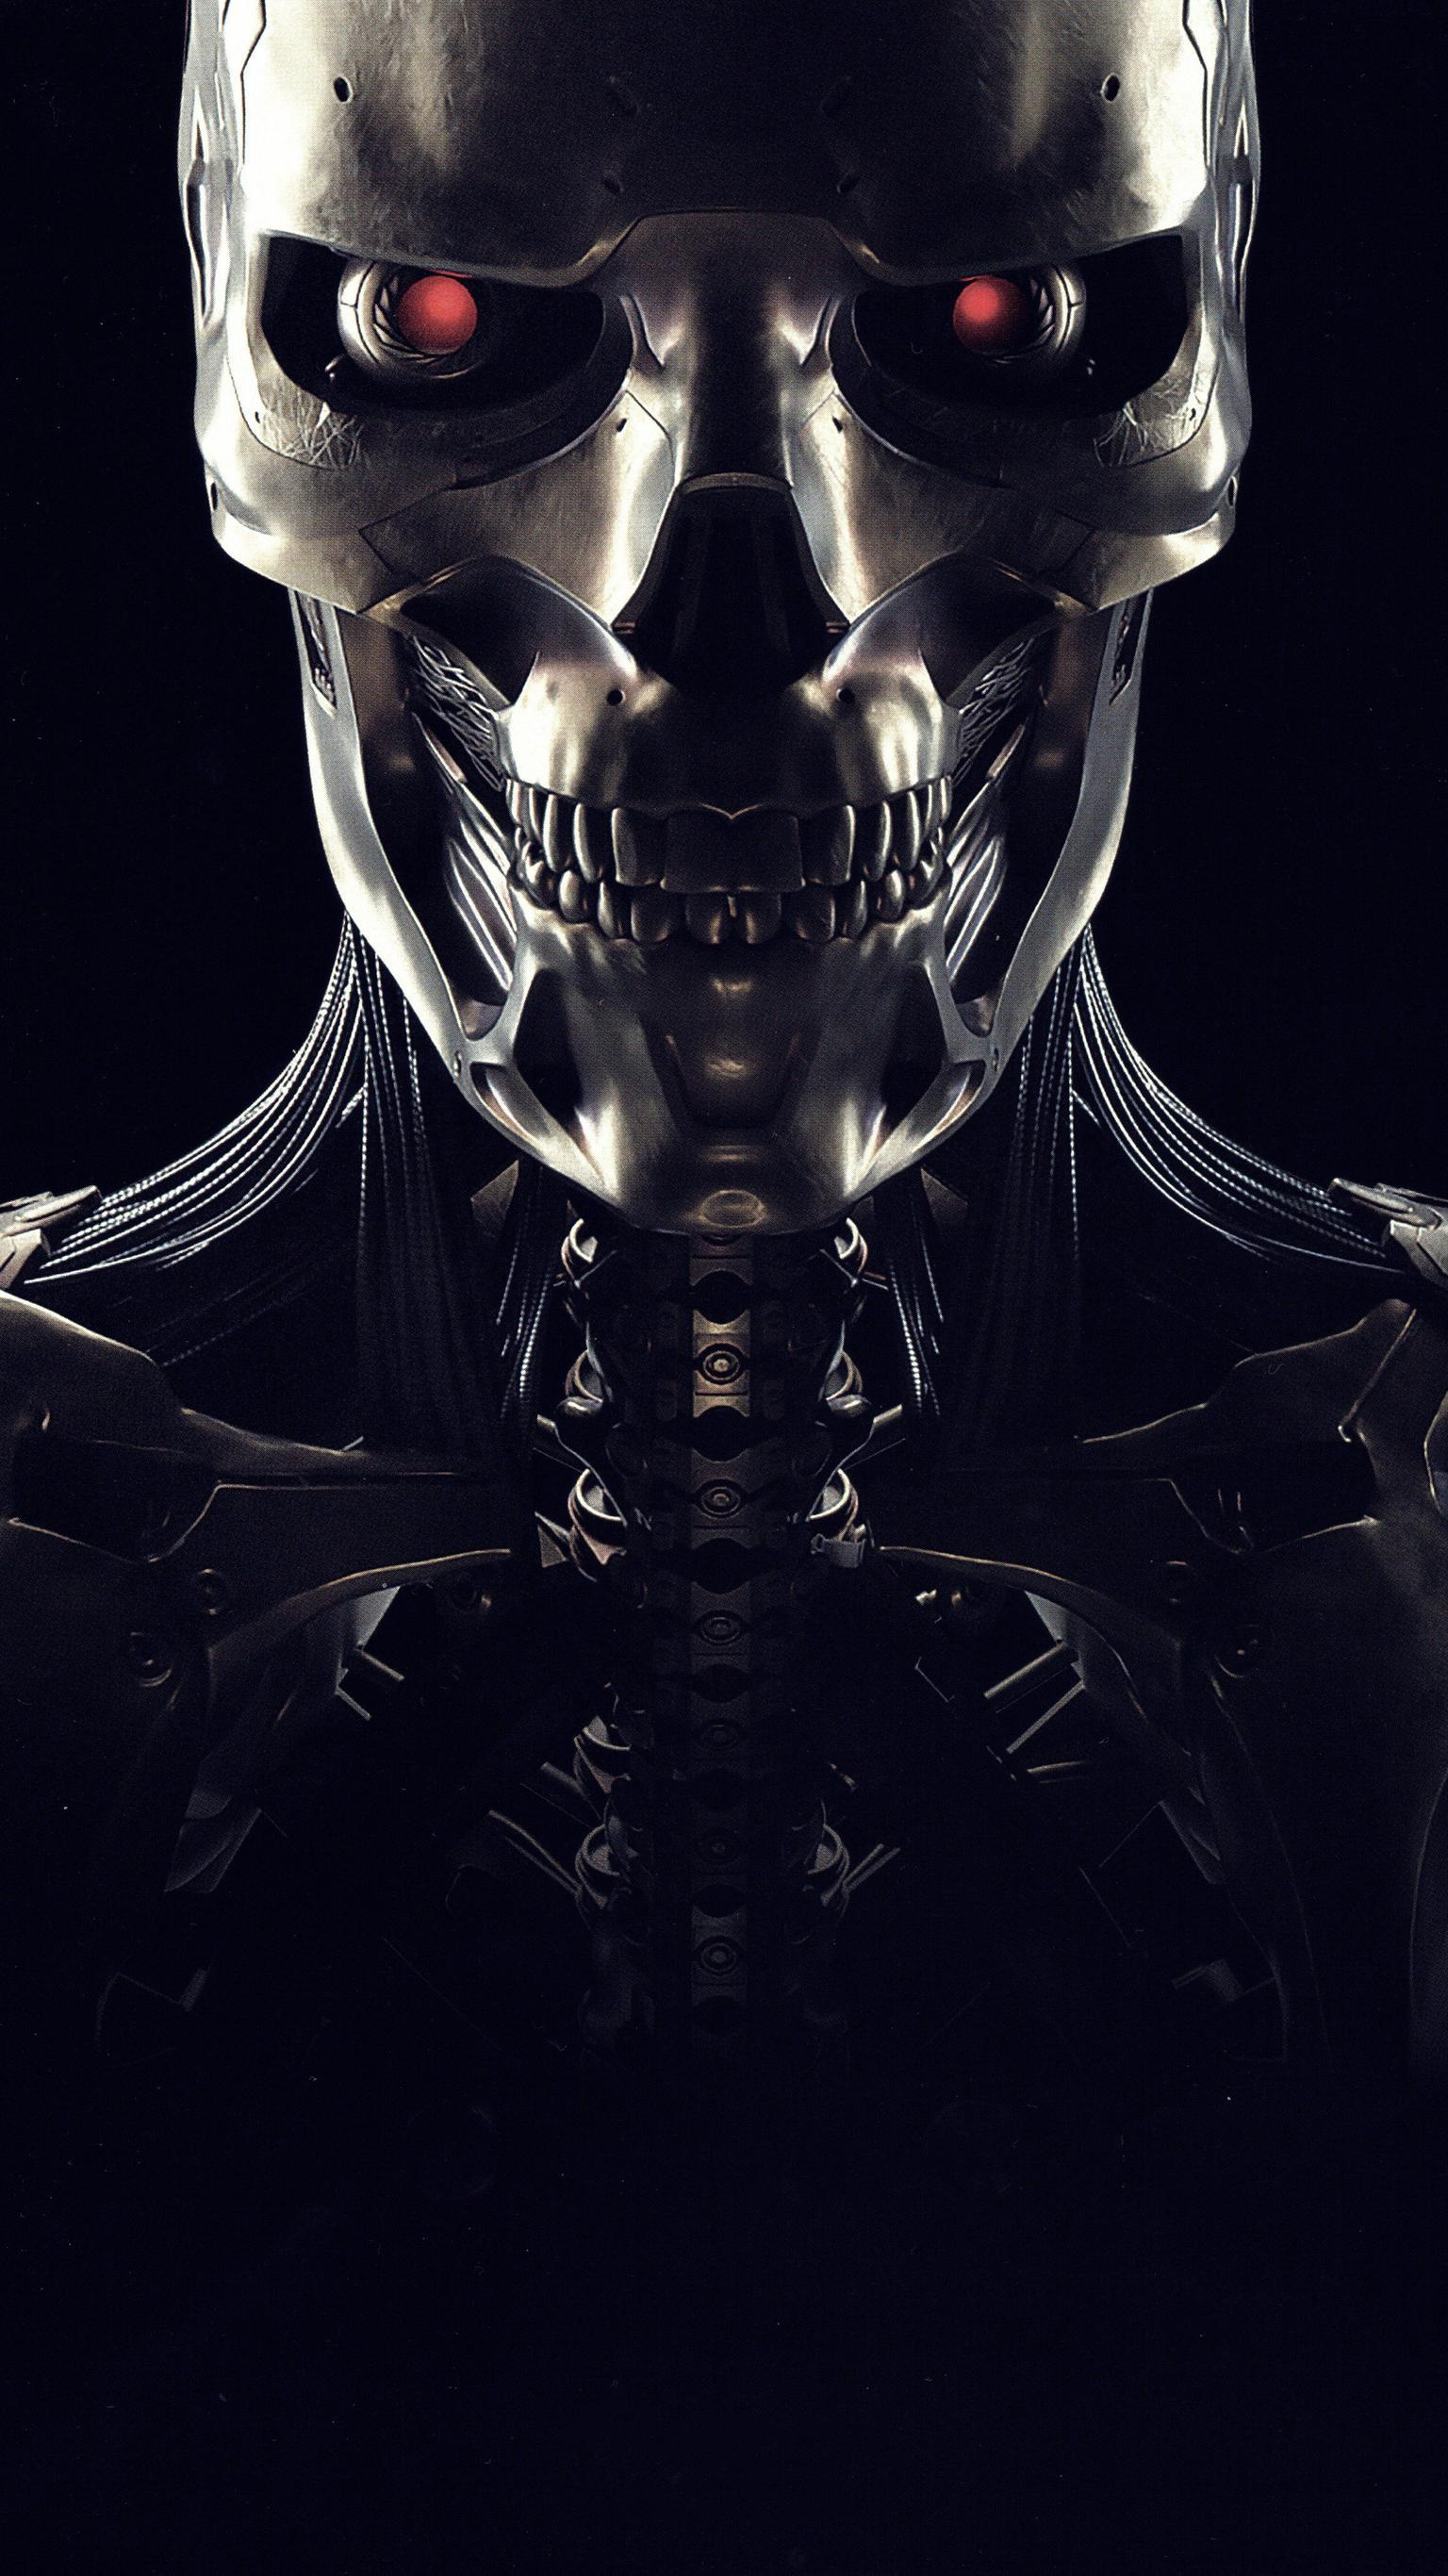 Terminator Dark Fate Iphone Wallpapers Wallpaper Cave